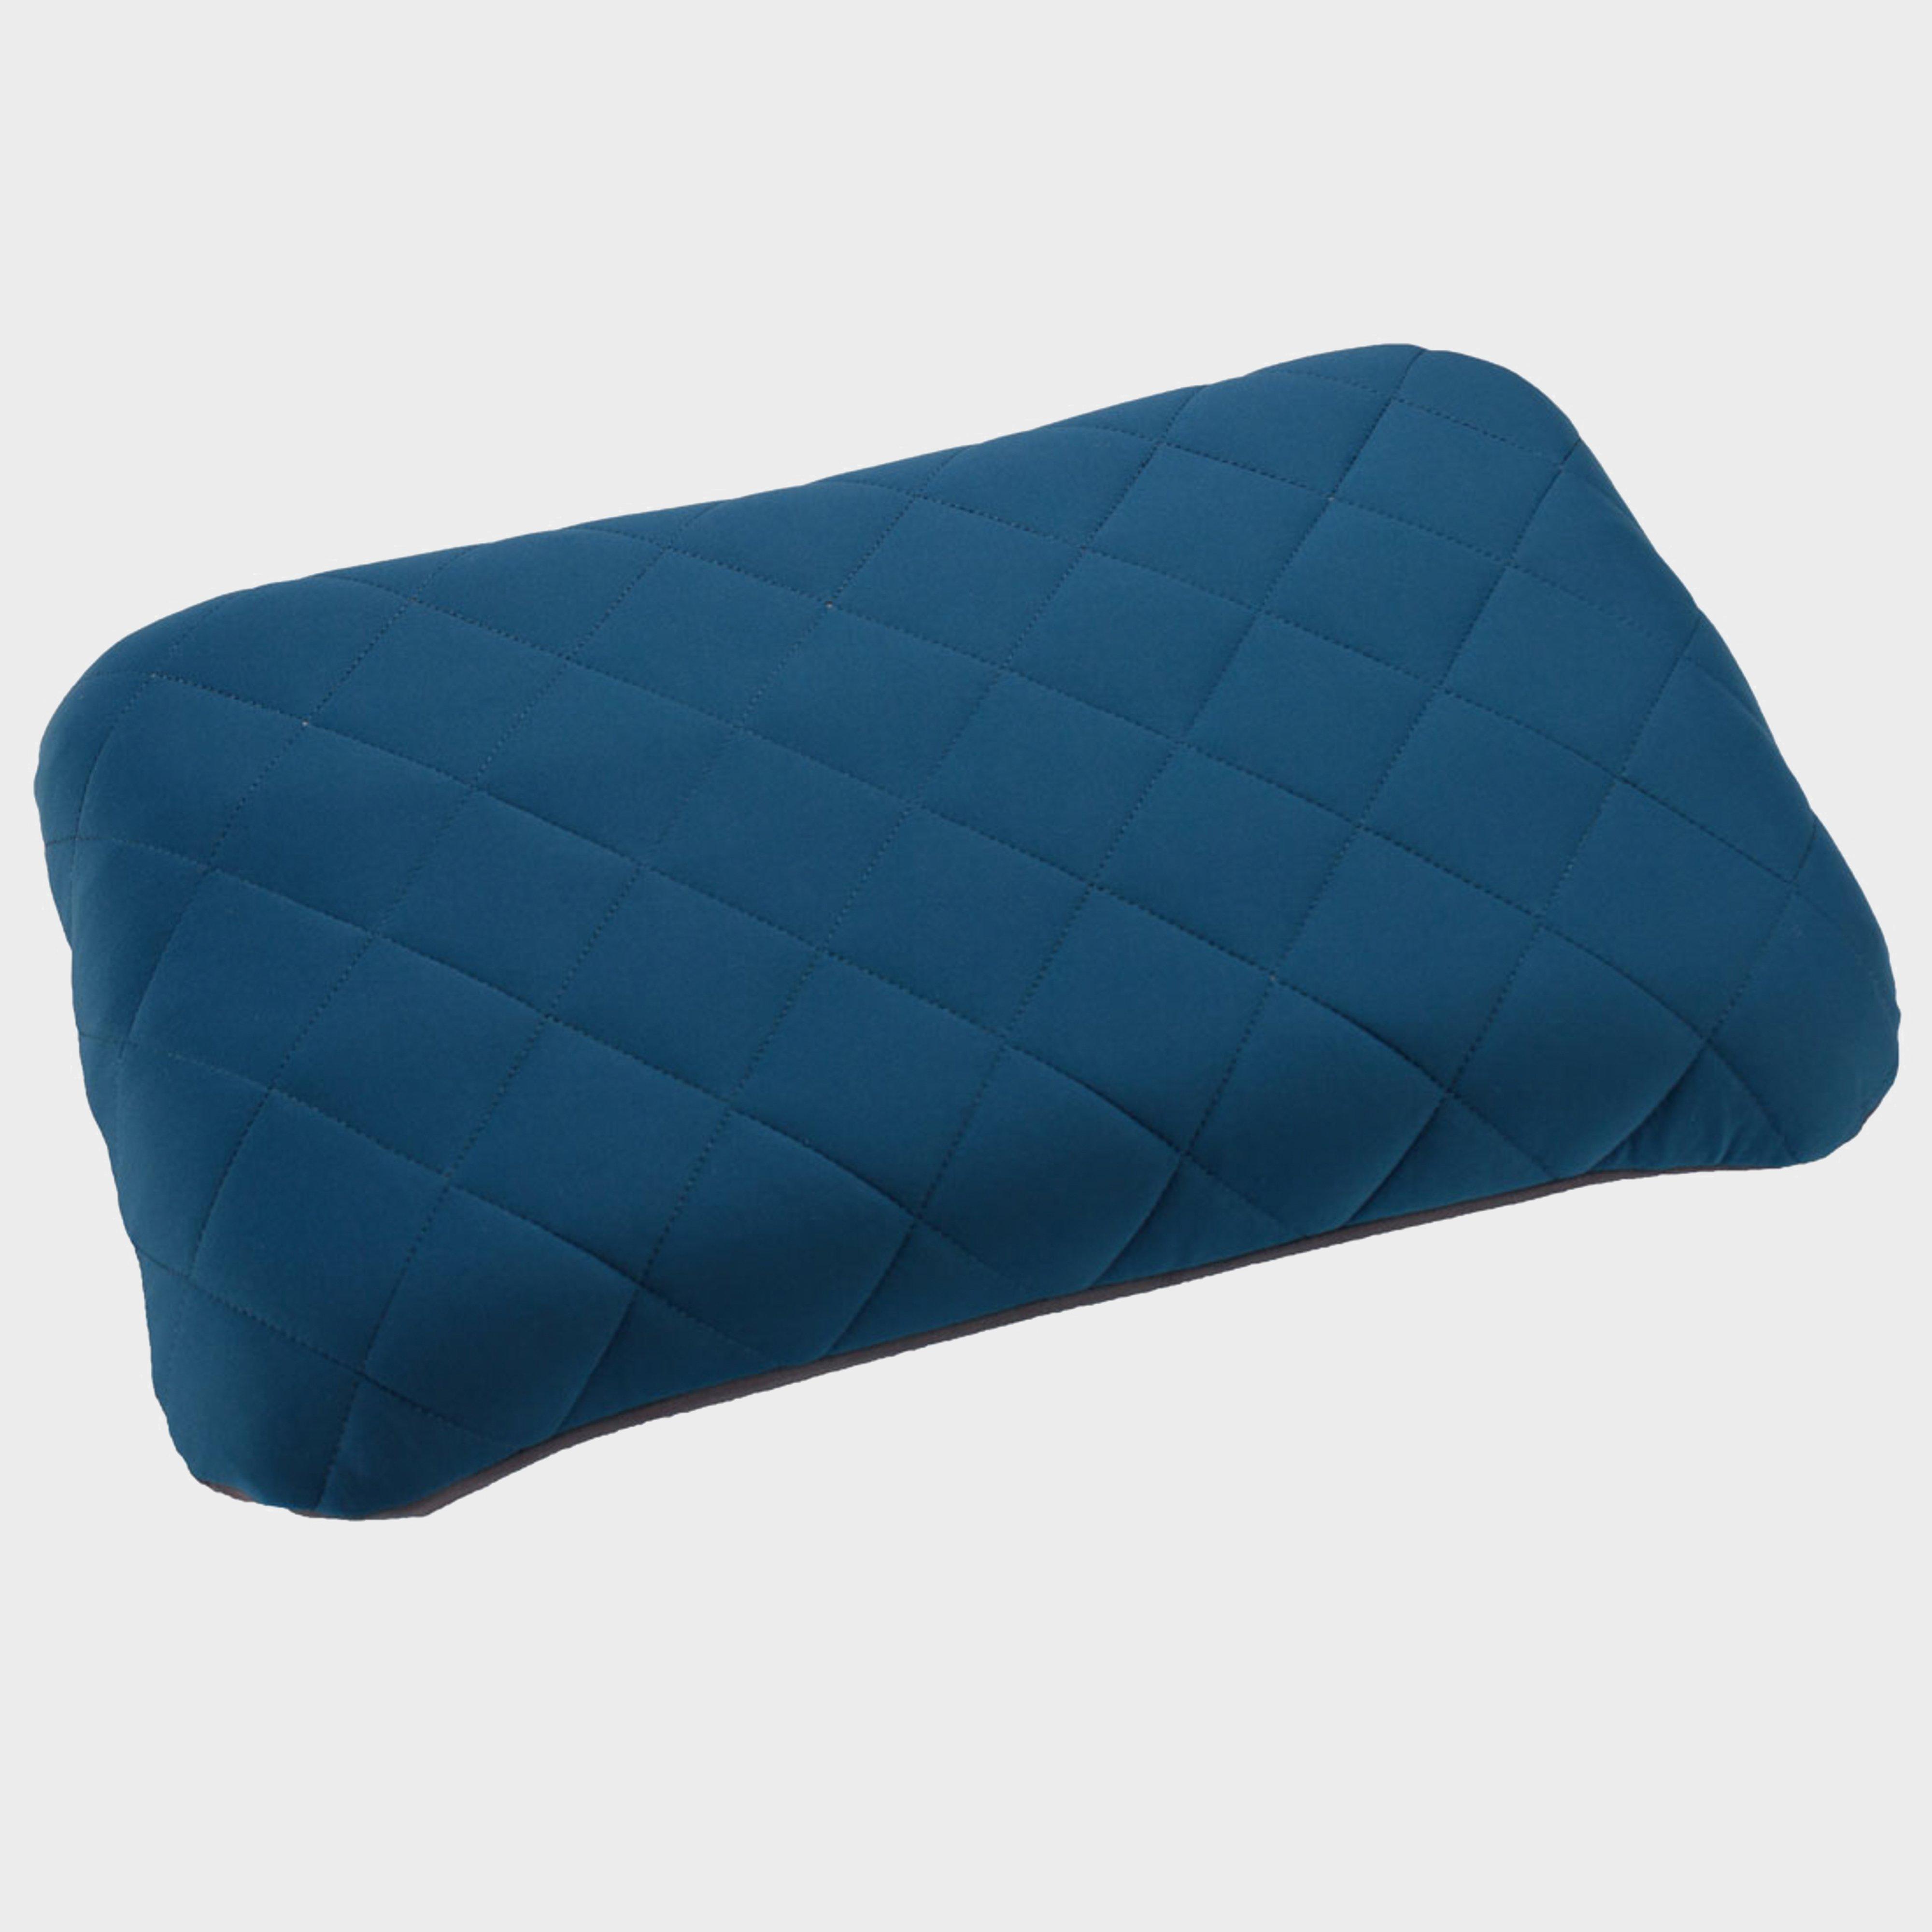 Vango Vango Deep Sleep Thermo Pillow